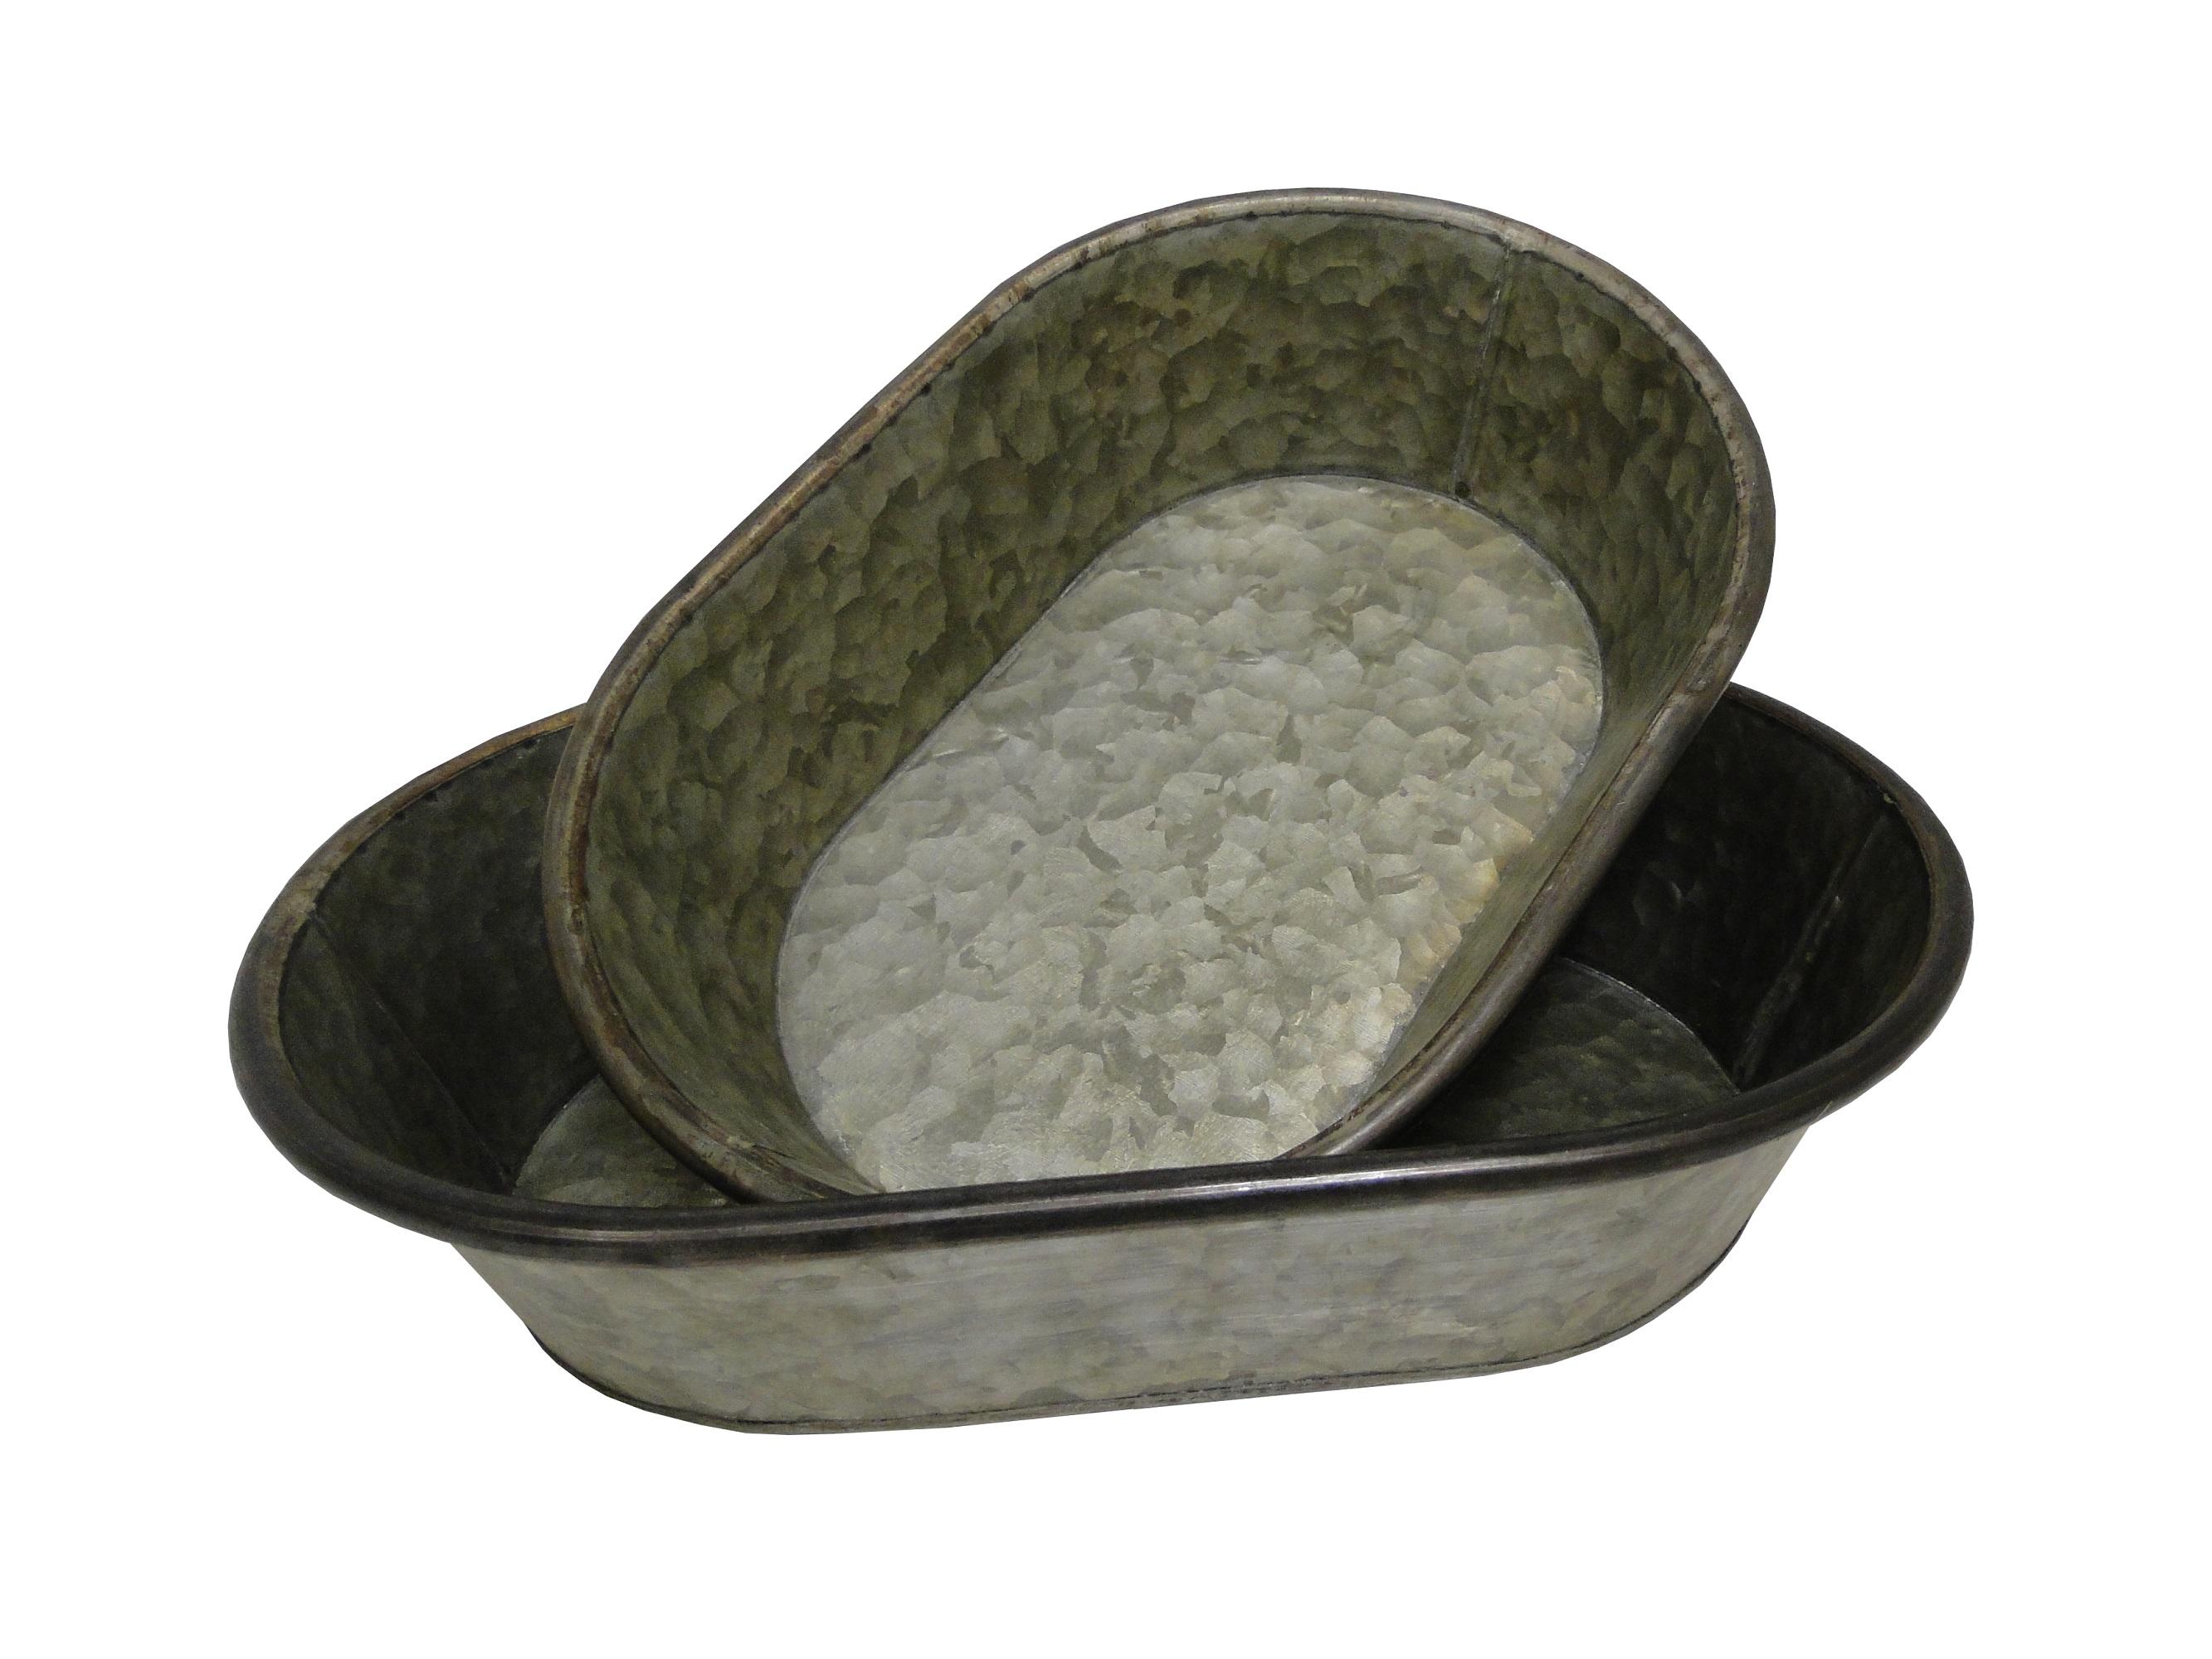 Набор из тазиков (2 шт)Посуда для дачи<br>Размеры:&amp;lt;div&amp;gt;- большой: высота 8, ширина 37, глубина 24.5;&amp;lt;/div&amp;gt;&amp;lt;div&amp;gt;- маленький: высота 8, ширина 31,5, длина 21,5.&amp;amp;nbsp;&amp;lt;/div&amp;gt;&amp;lt;div&amp;gt;&amp;lt;br&amp;gt;&amp;lt;/div&amp;gt;&amp;lt;div&amp;gt;Материал: Цинк&amp;lt;/div&amp;gt;<br><br>Material: Металл<br>Length см: None<br>Width см: 37<br>Depth см: 24.5<br>Height см: 8